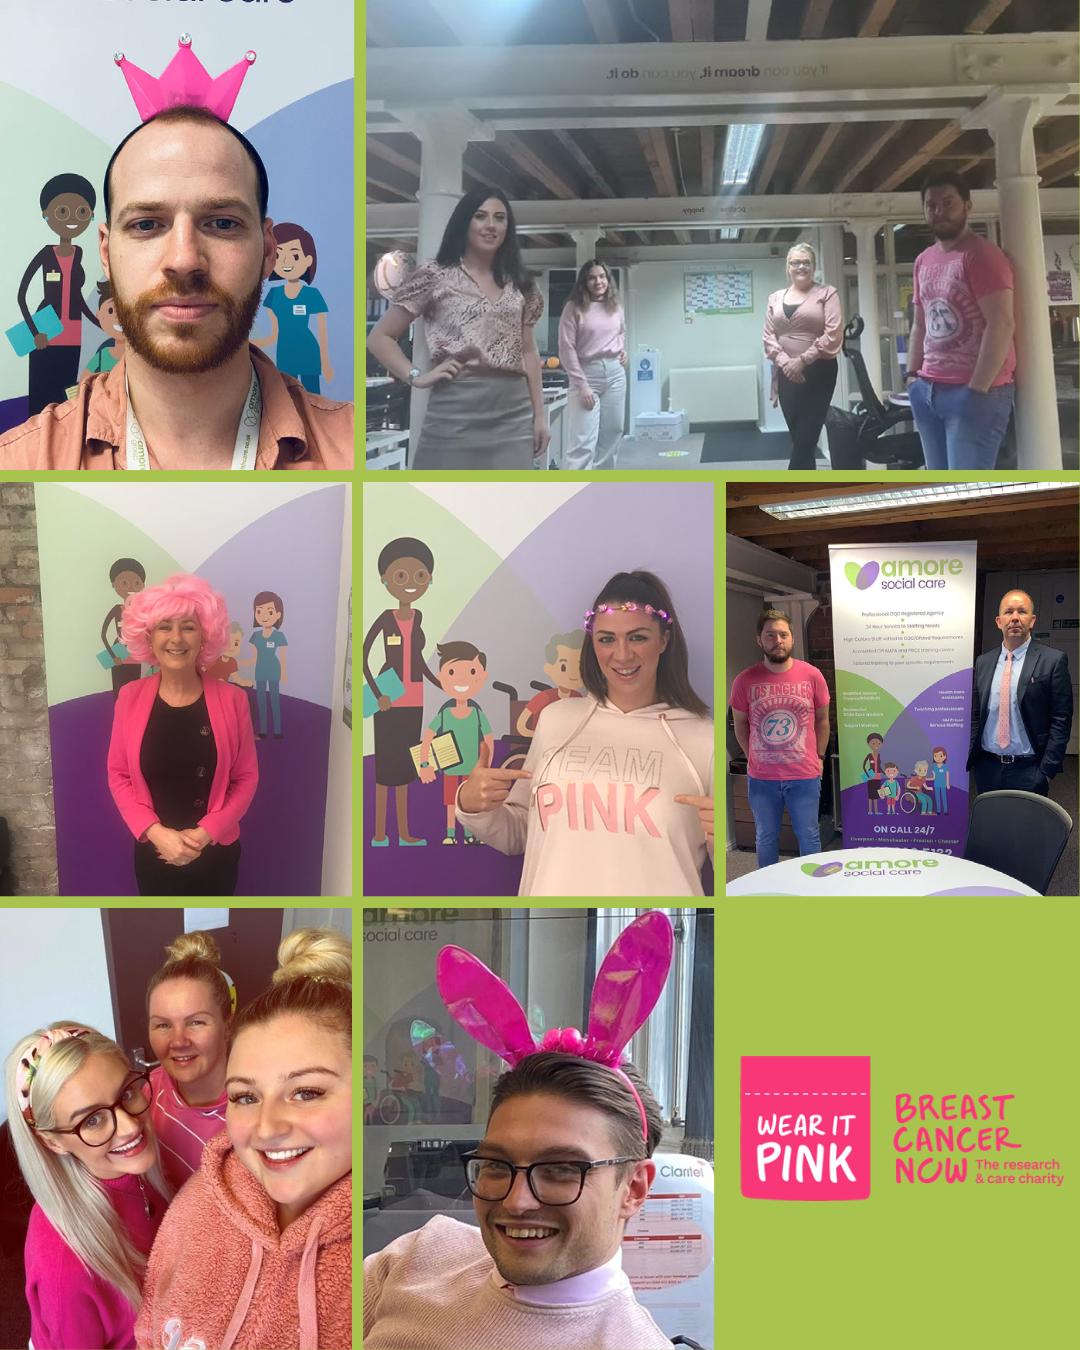 Wear it Pink Day 2020